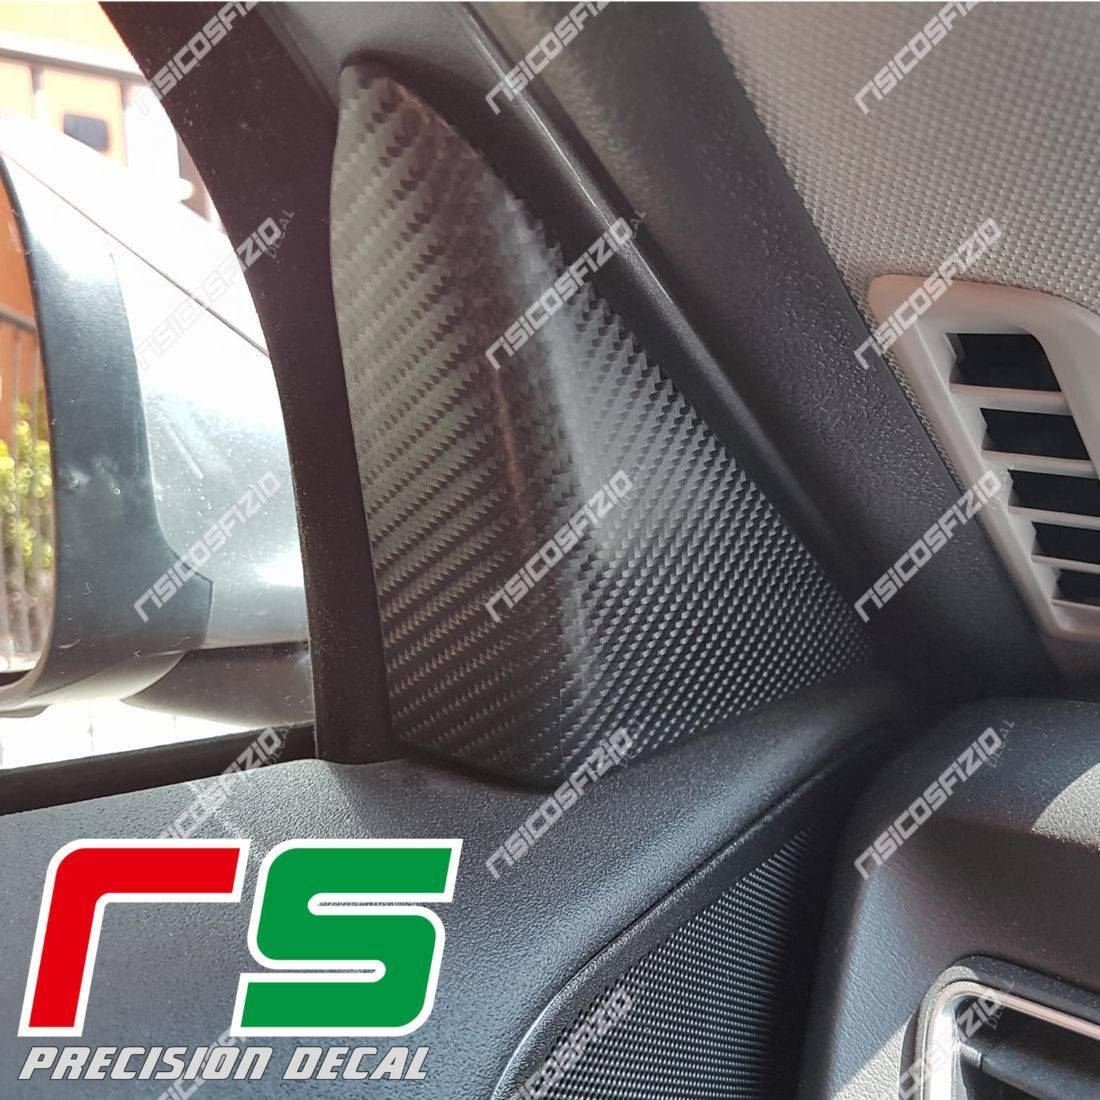 Alfa Romeo Giulietta Carbonlook-Aufkleber für Rückspiegel